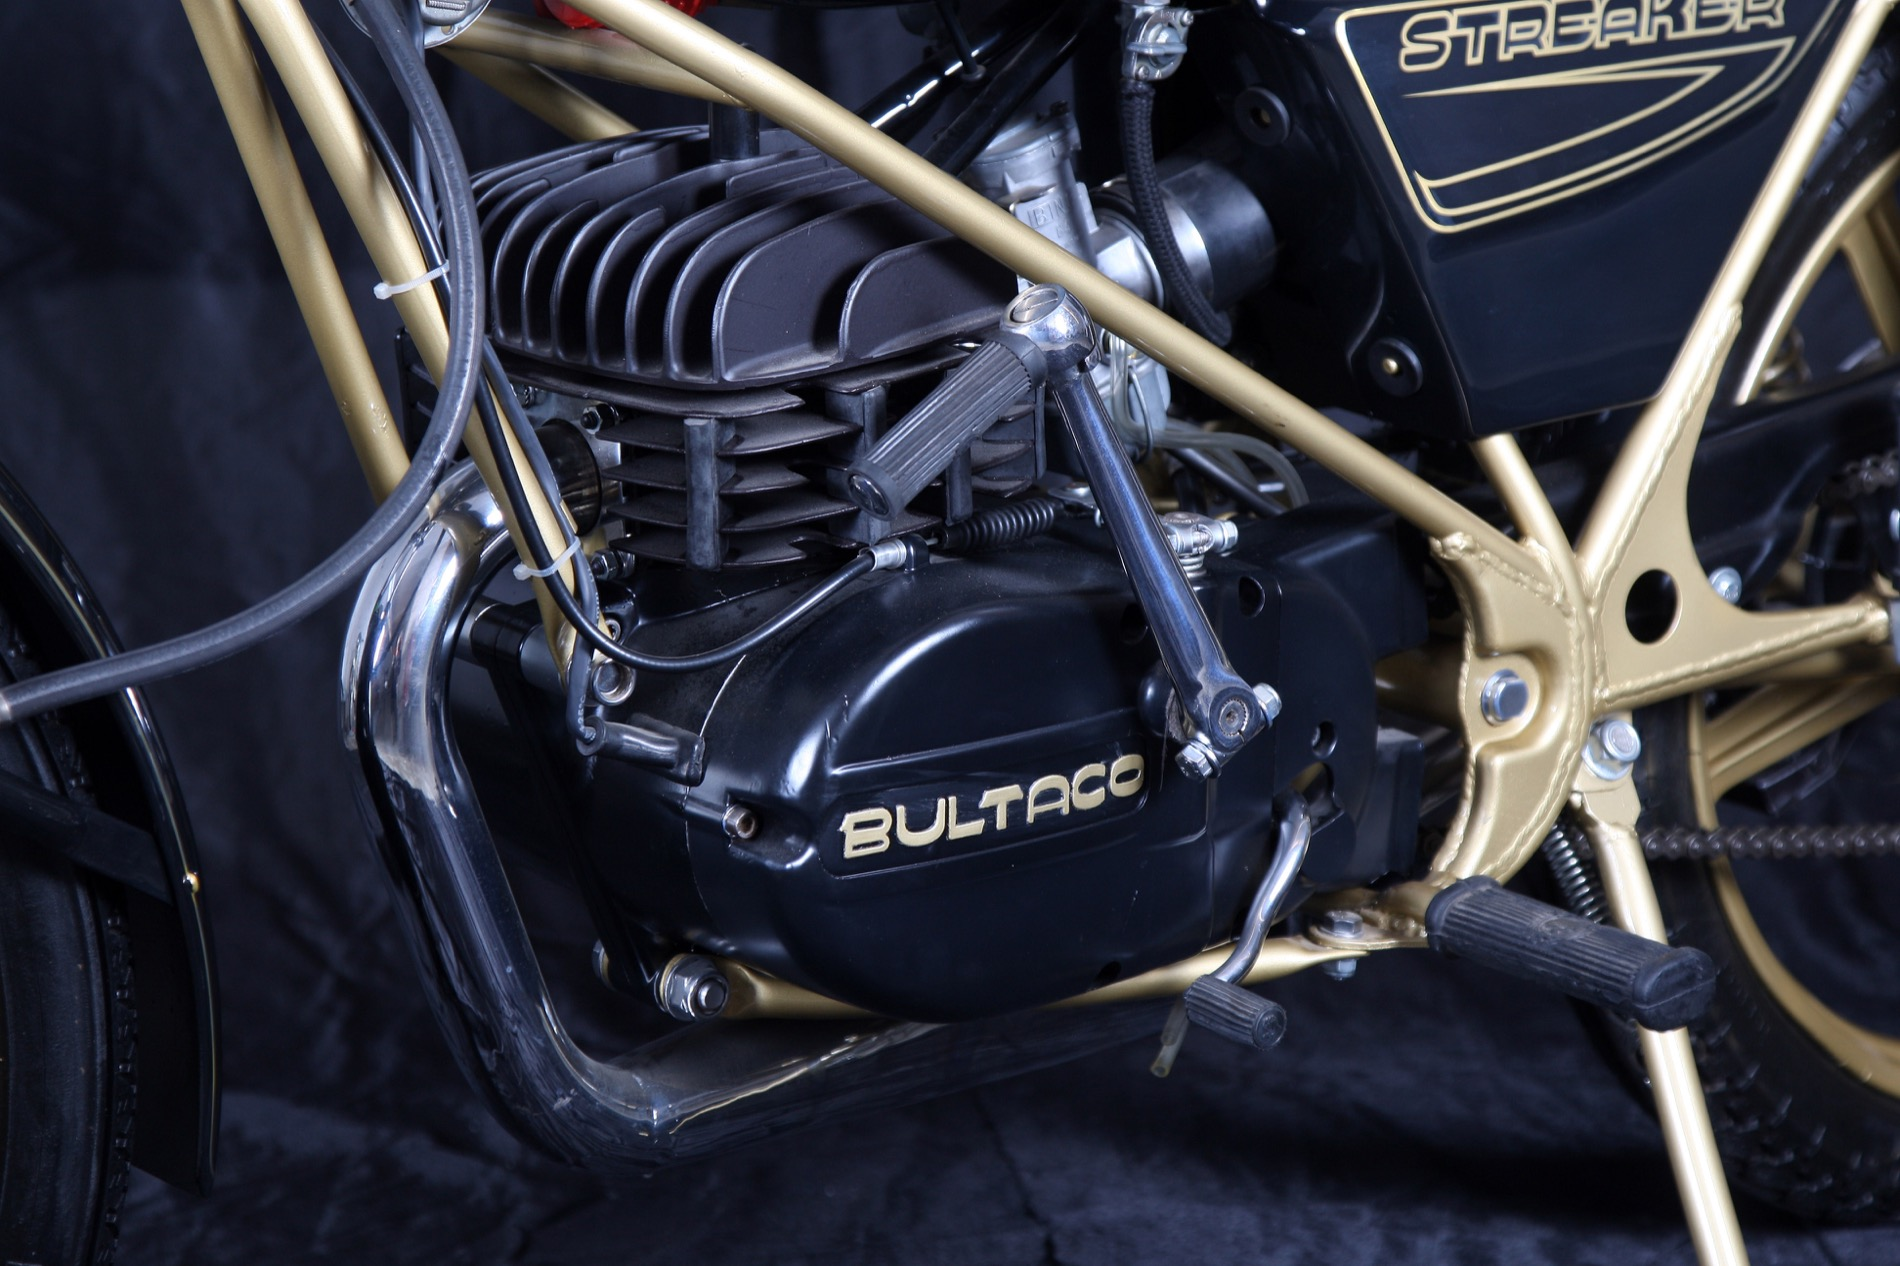 Bultaco Streaker 75/125